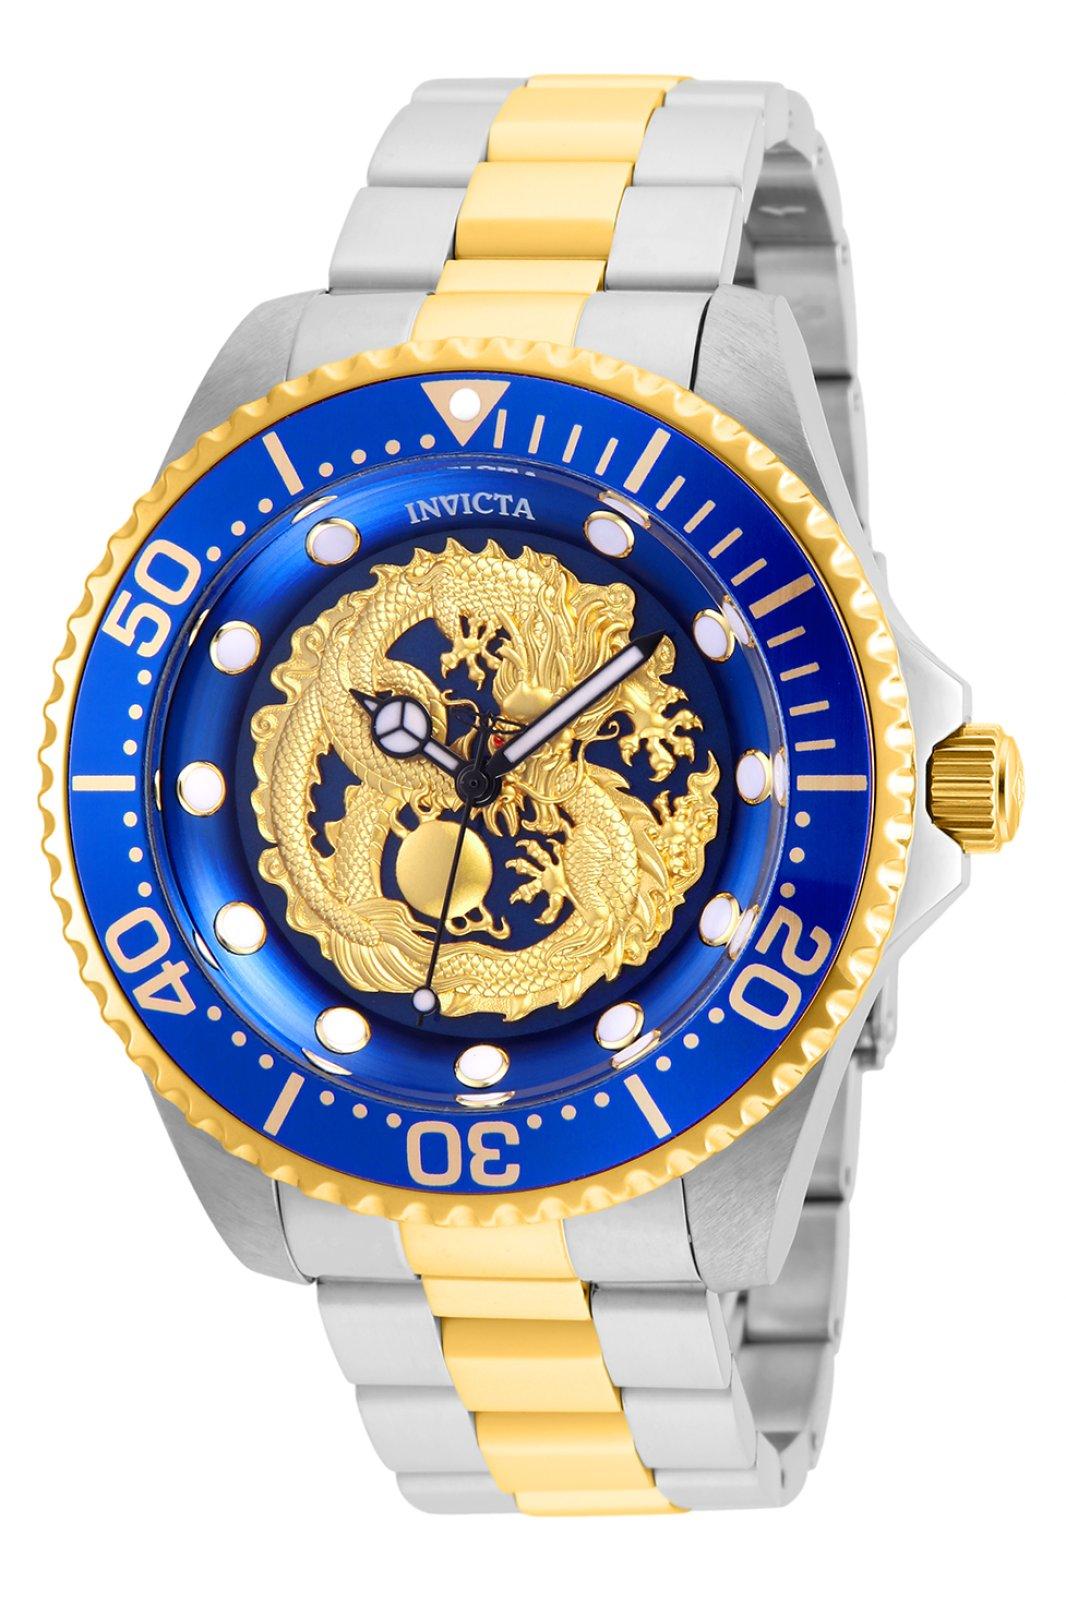 Invicta стоимость часы пермь часа 1 стоимость квт